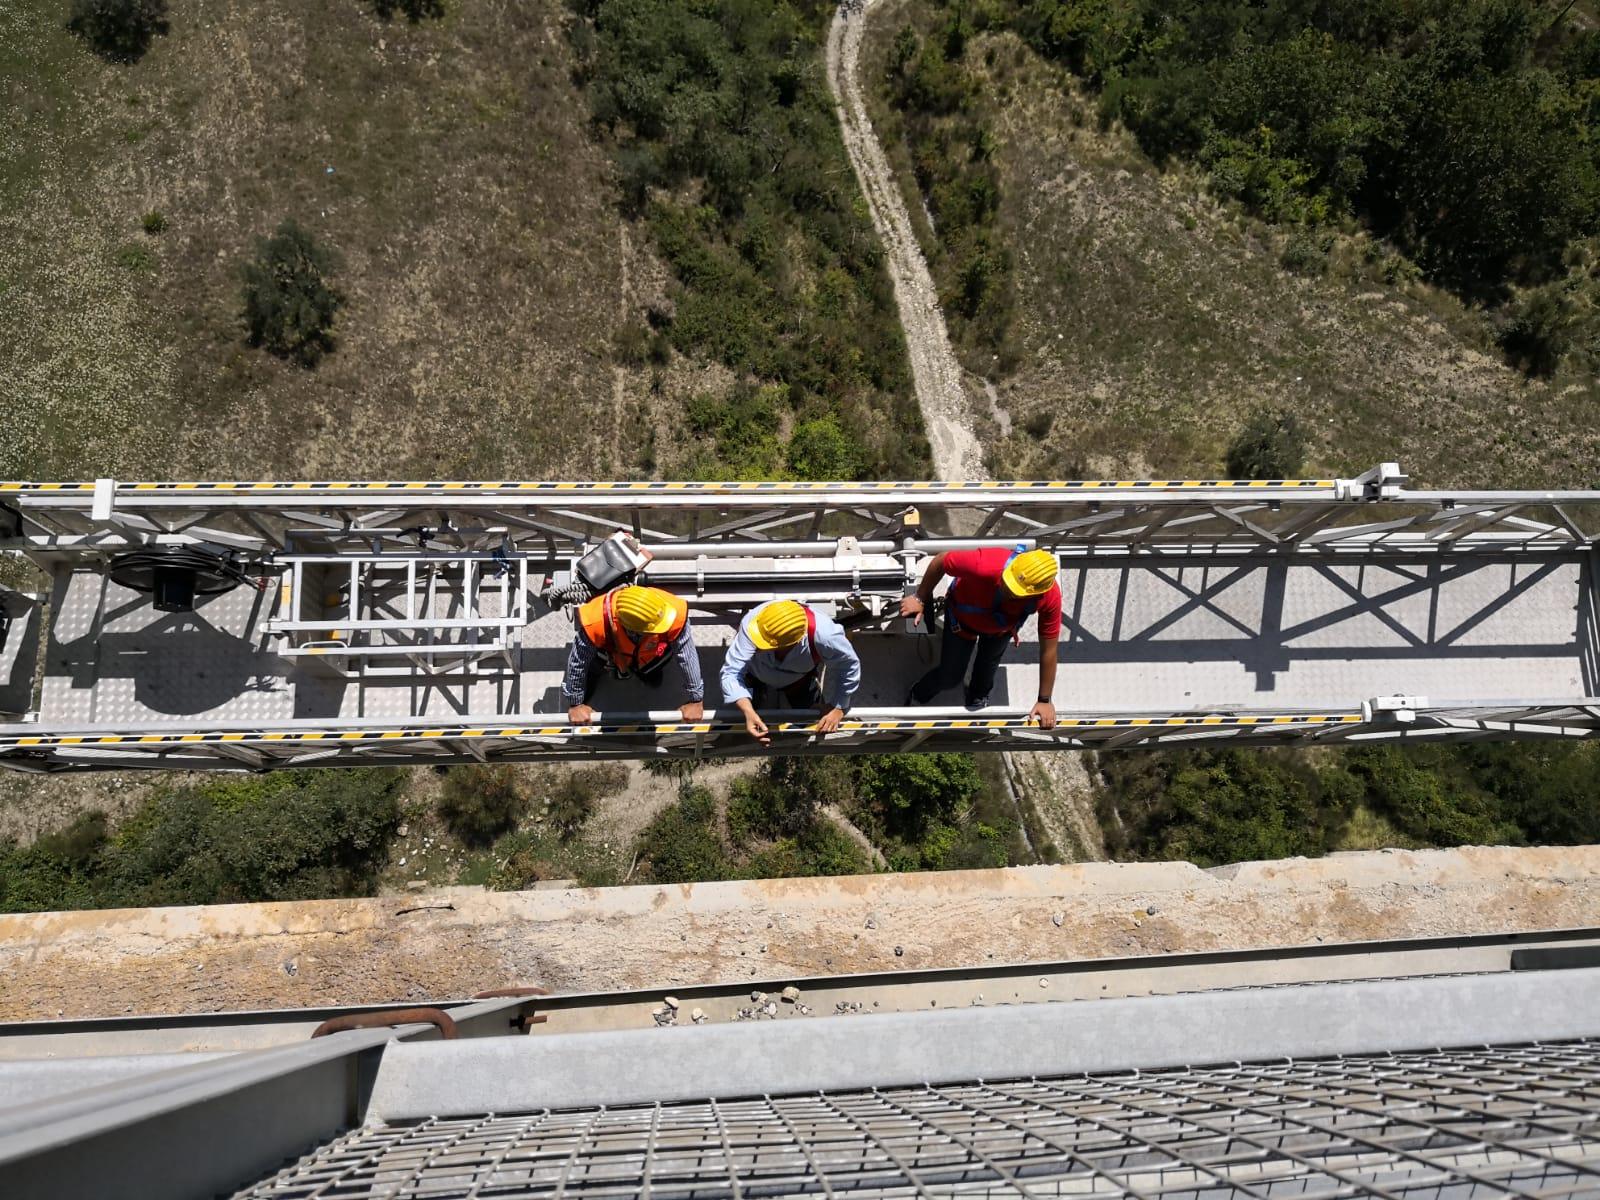 Viadotto Sente , l'Ordinanza di chiusura ufficiale da parte del settore tecnico della Provincia. Il ponte verrà riaperto dopo gli urgenti lavori inerenti la sicurezza.